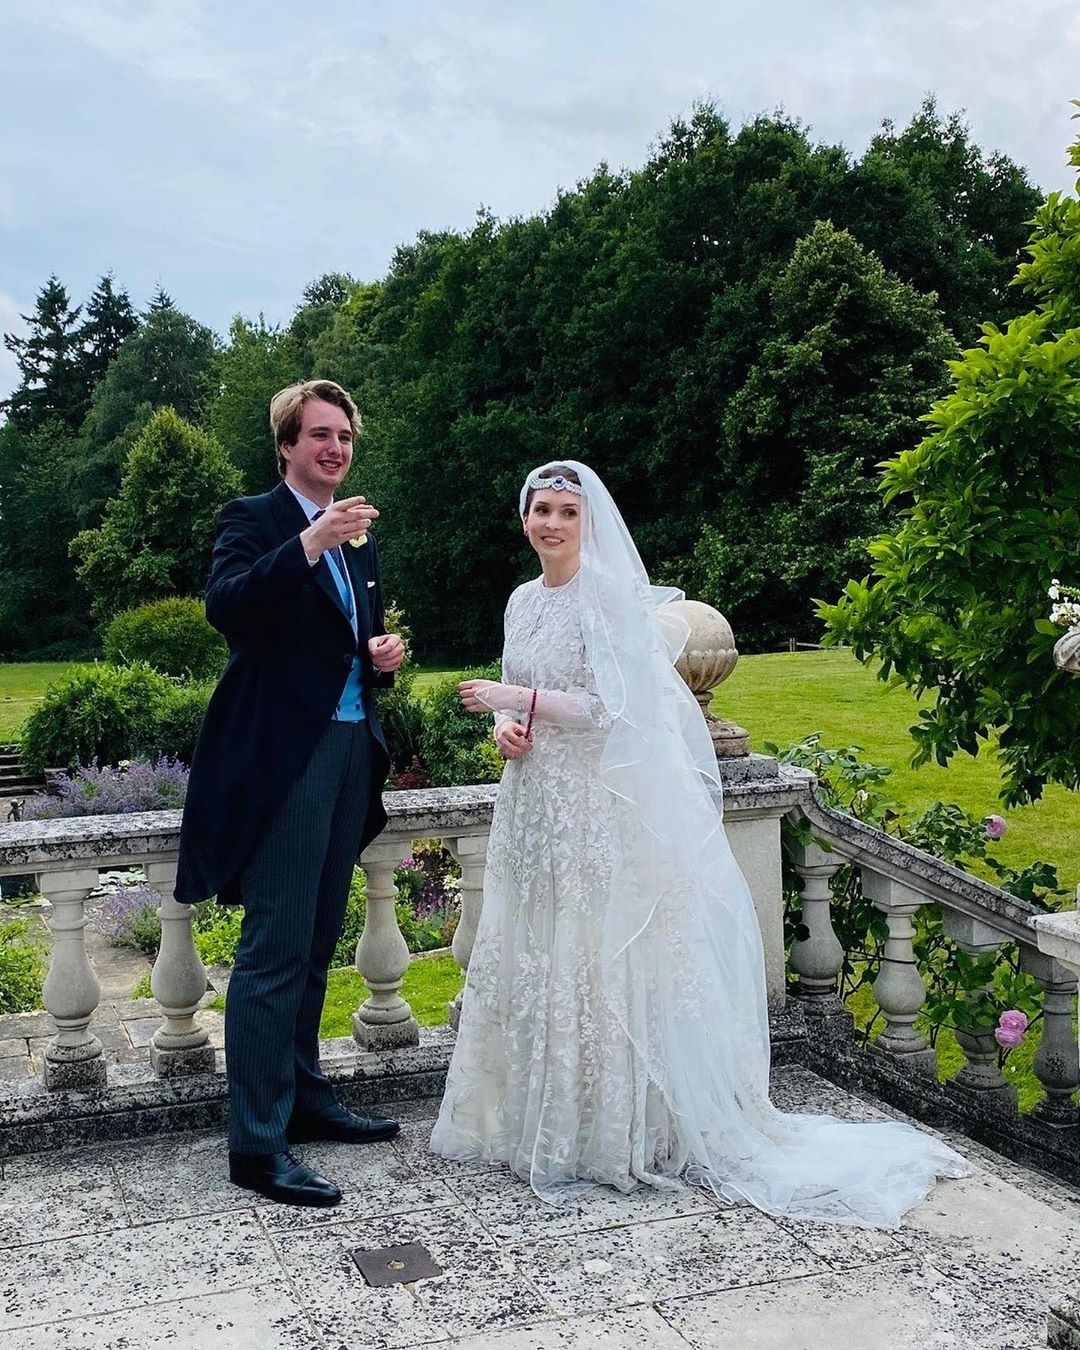 принцесса райя вышла замуж